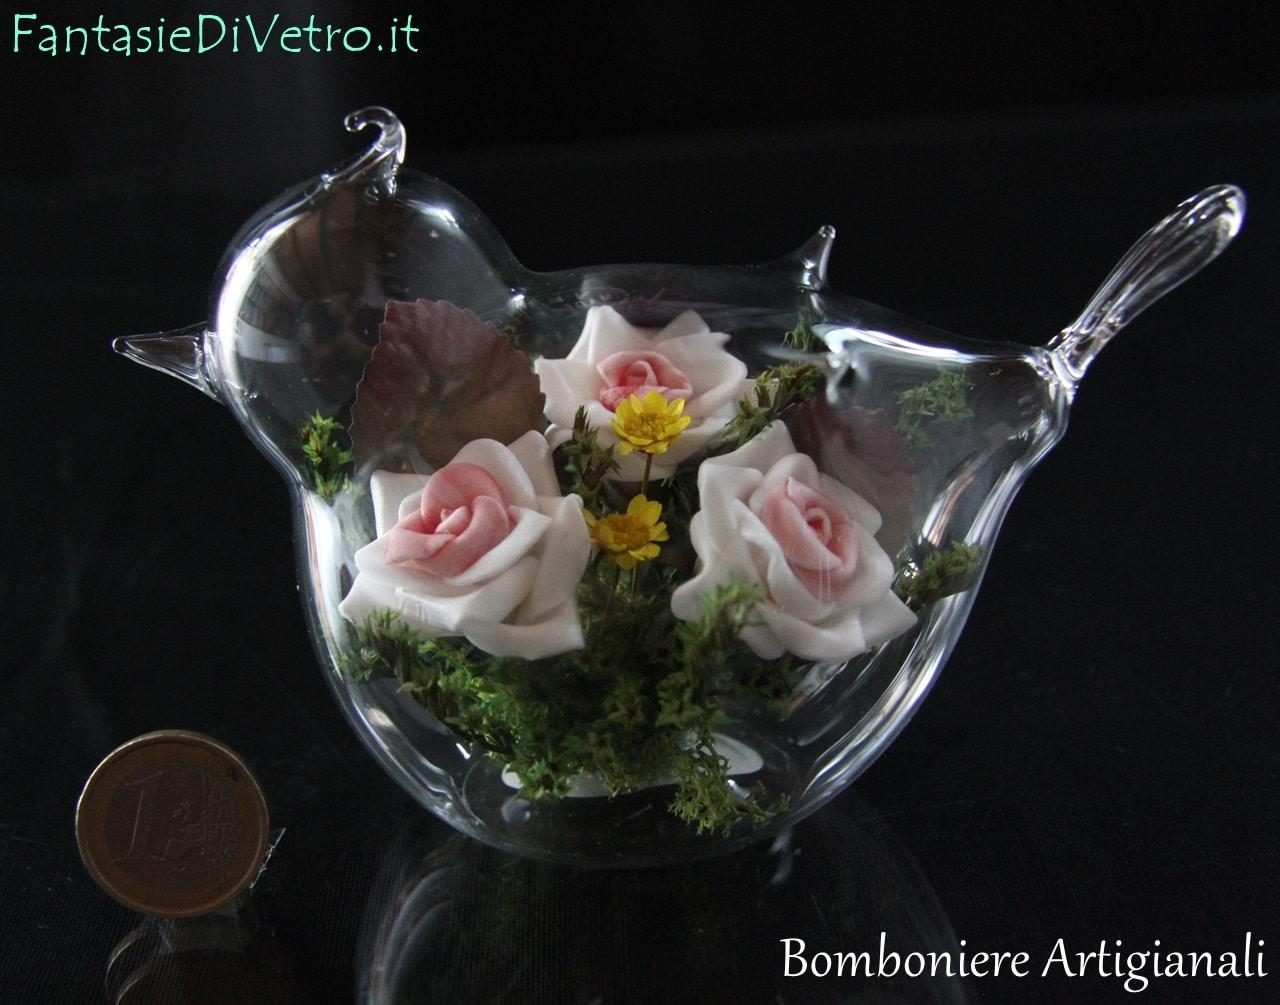 Bomboniere Matrimonio 15 Euro.Uccellino 01 A Bomboniere Per Matrimonio Artigianali Per Nozze